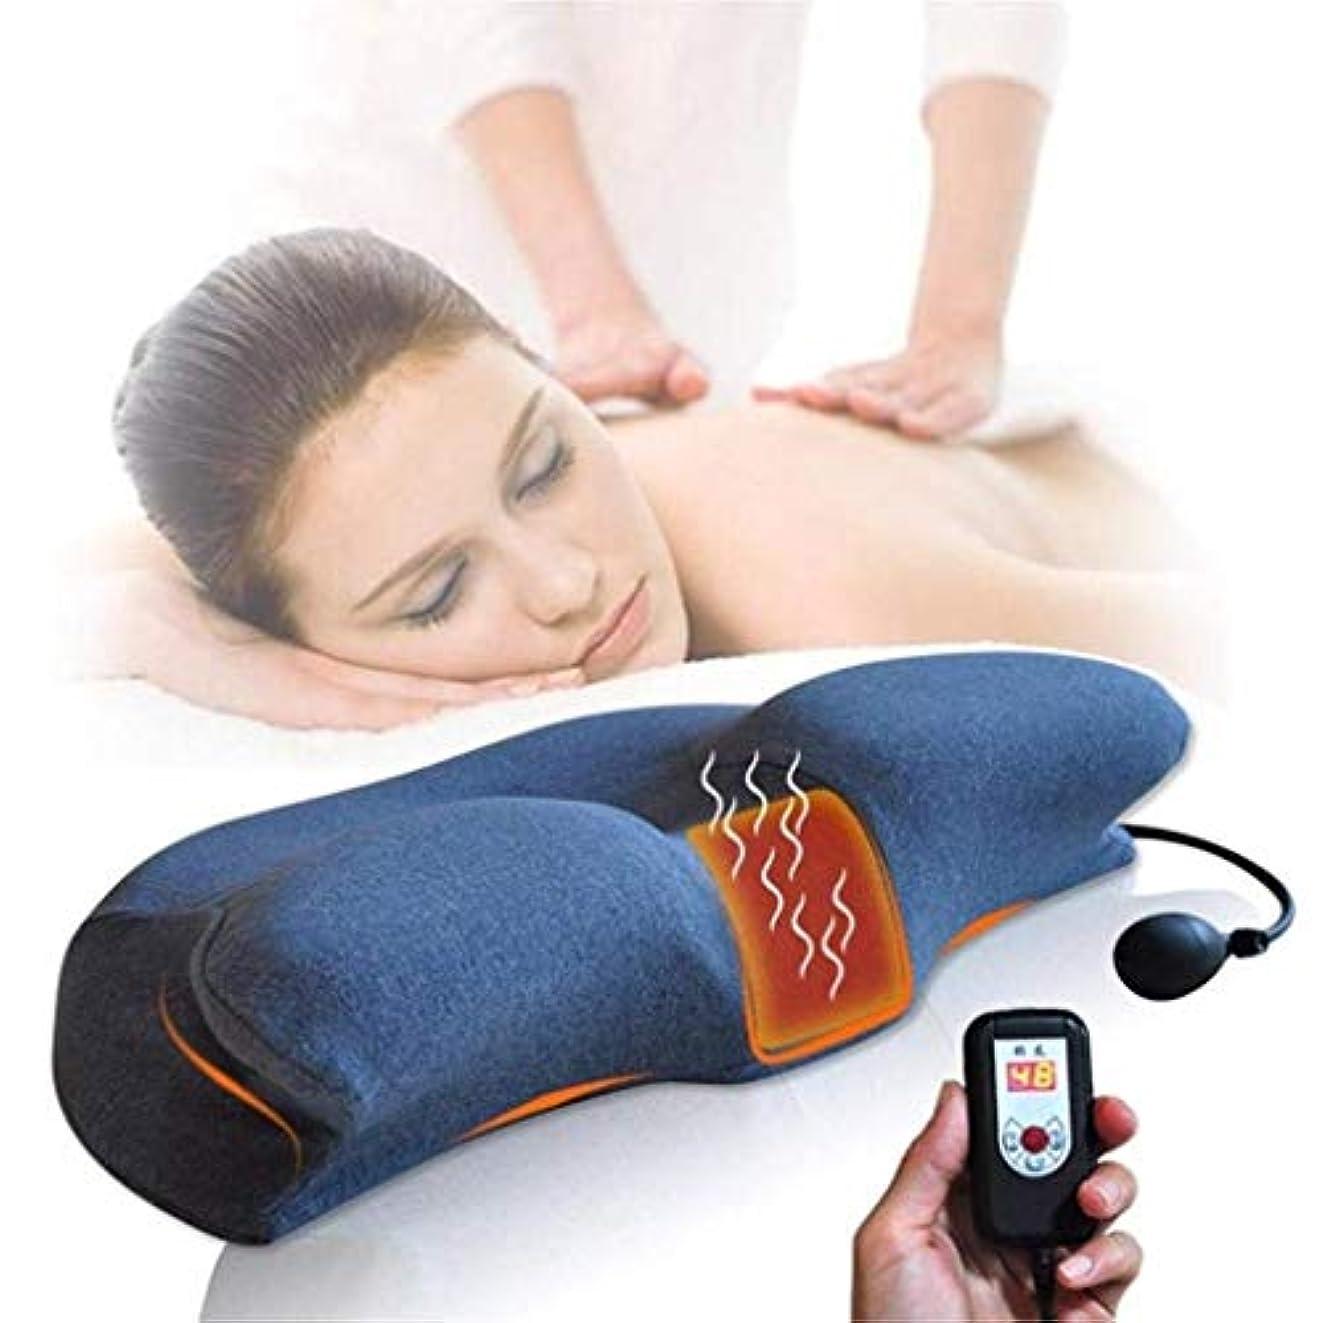 ずっと増強あえぎマッサージ枕、メモリ枕、頸部牽引装置、インフレータブルヘルスケア整形外科マッサージ枕、睡眠肩枕の促進